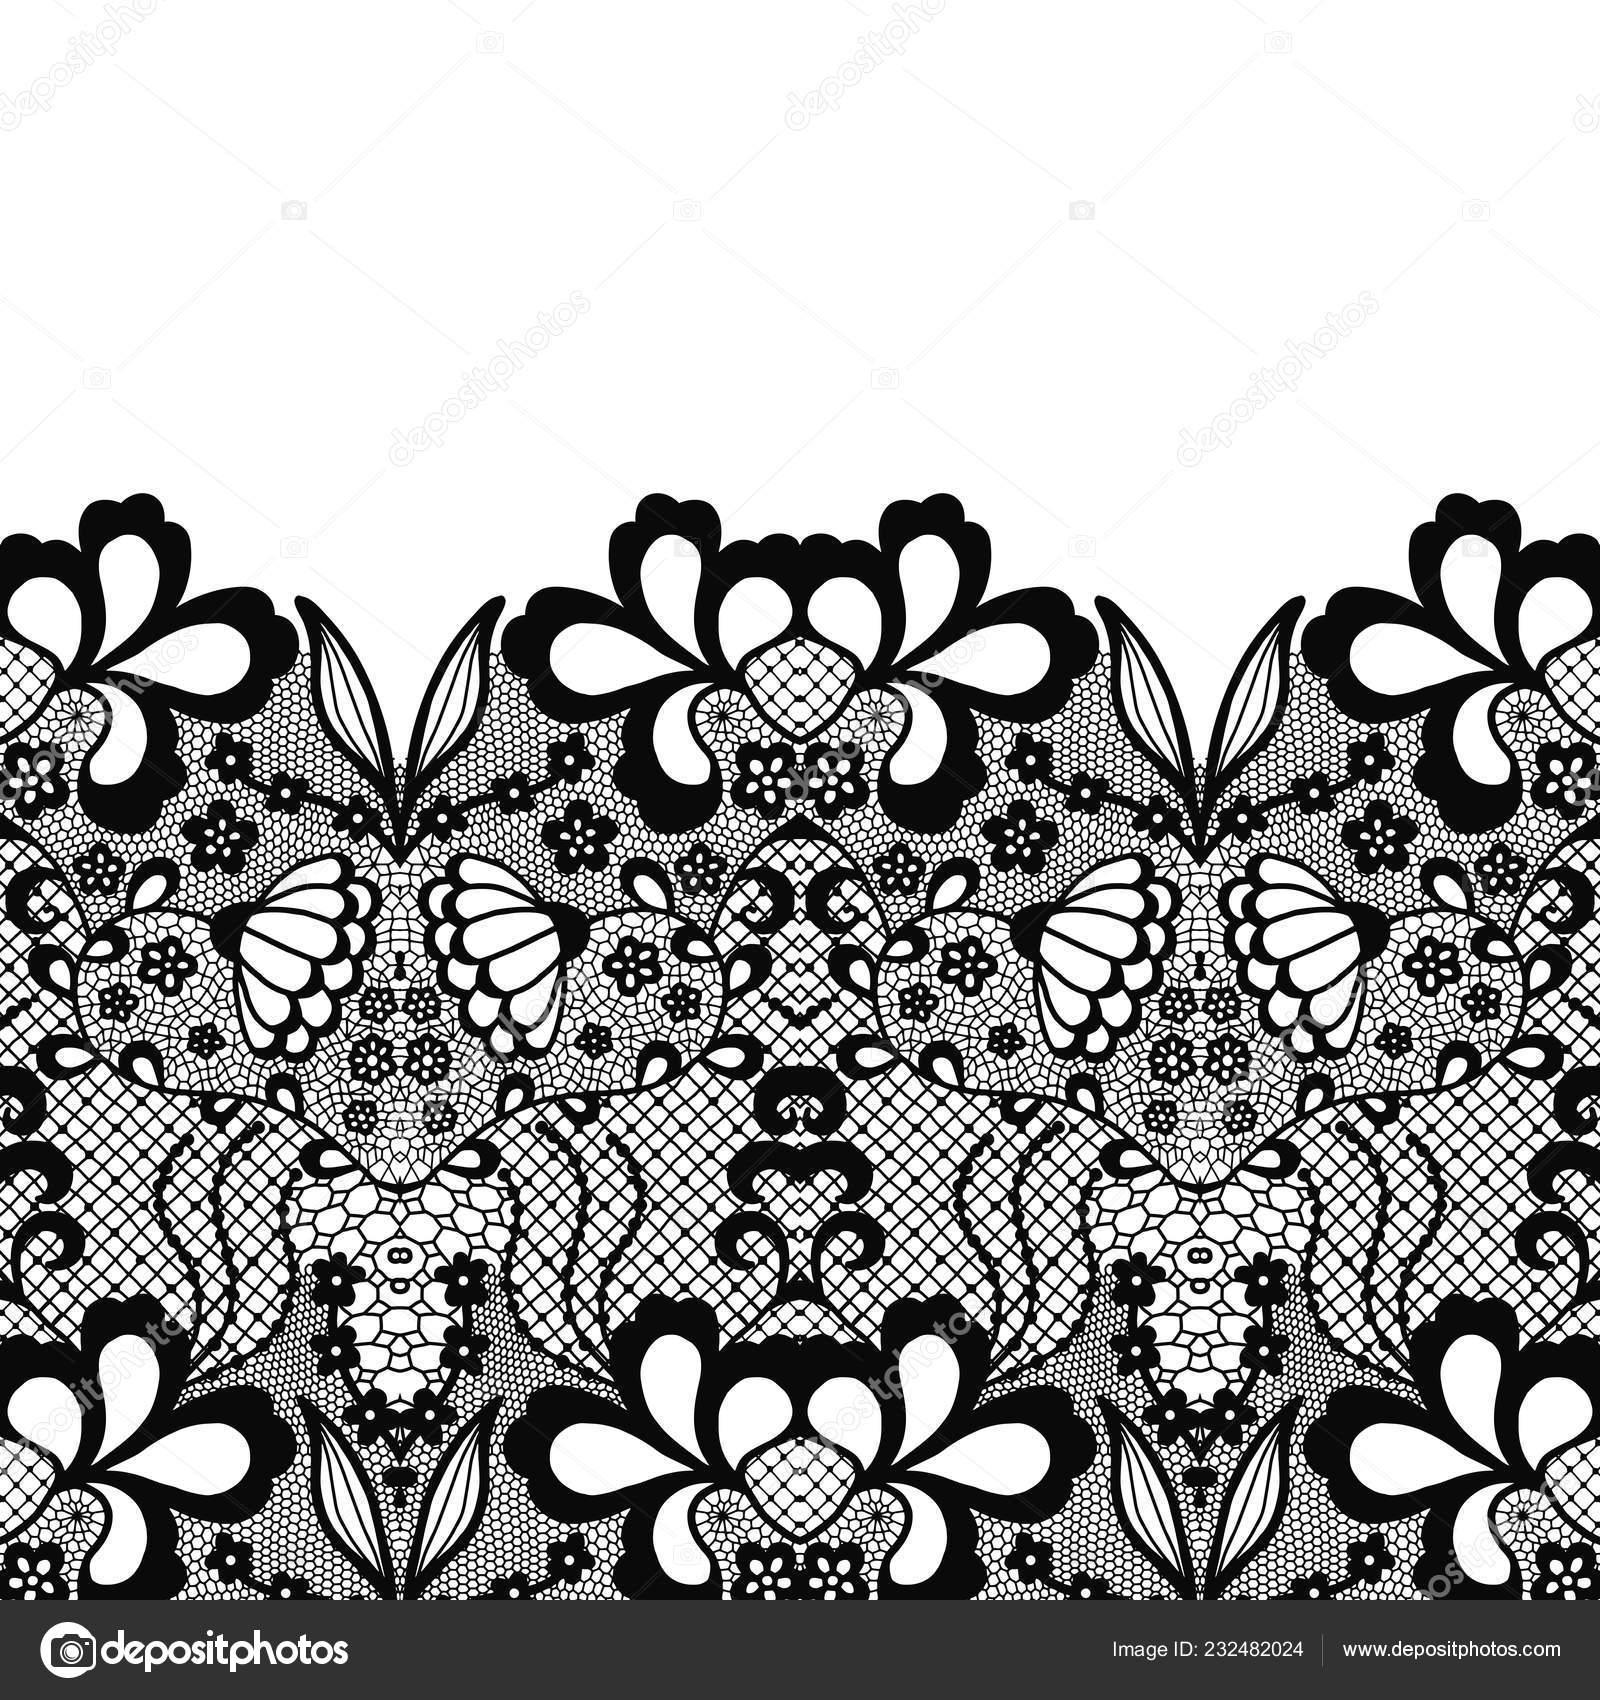 49822b0f33 Seamless lace border. Vector illustration. Black lacy vintage elegant trim.  — Vector by comotom0. Find Similar Images